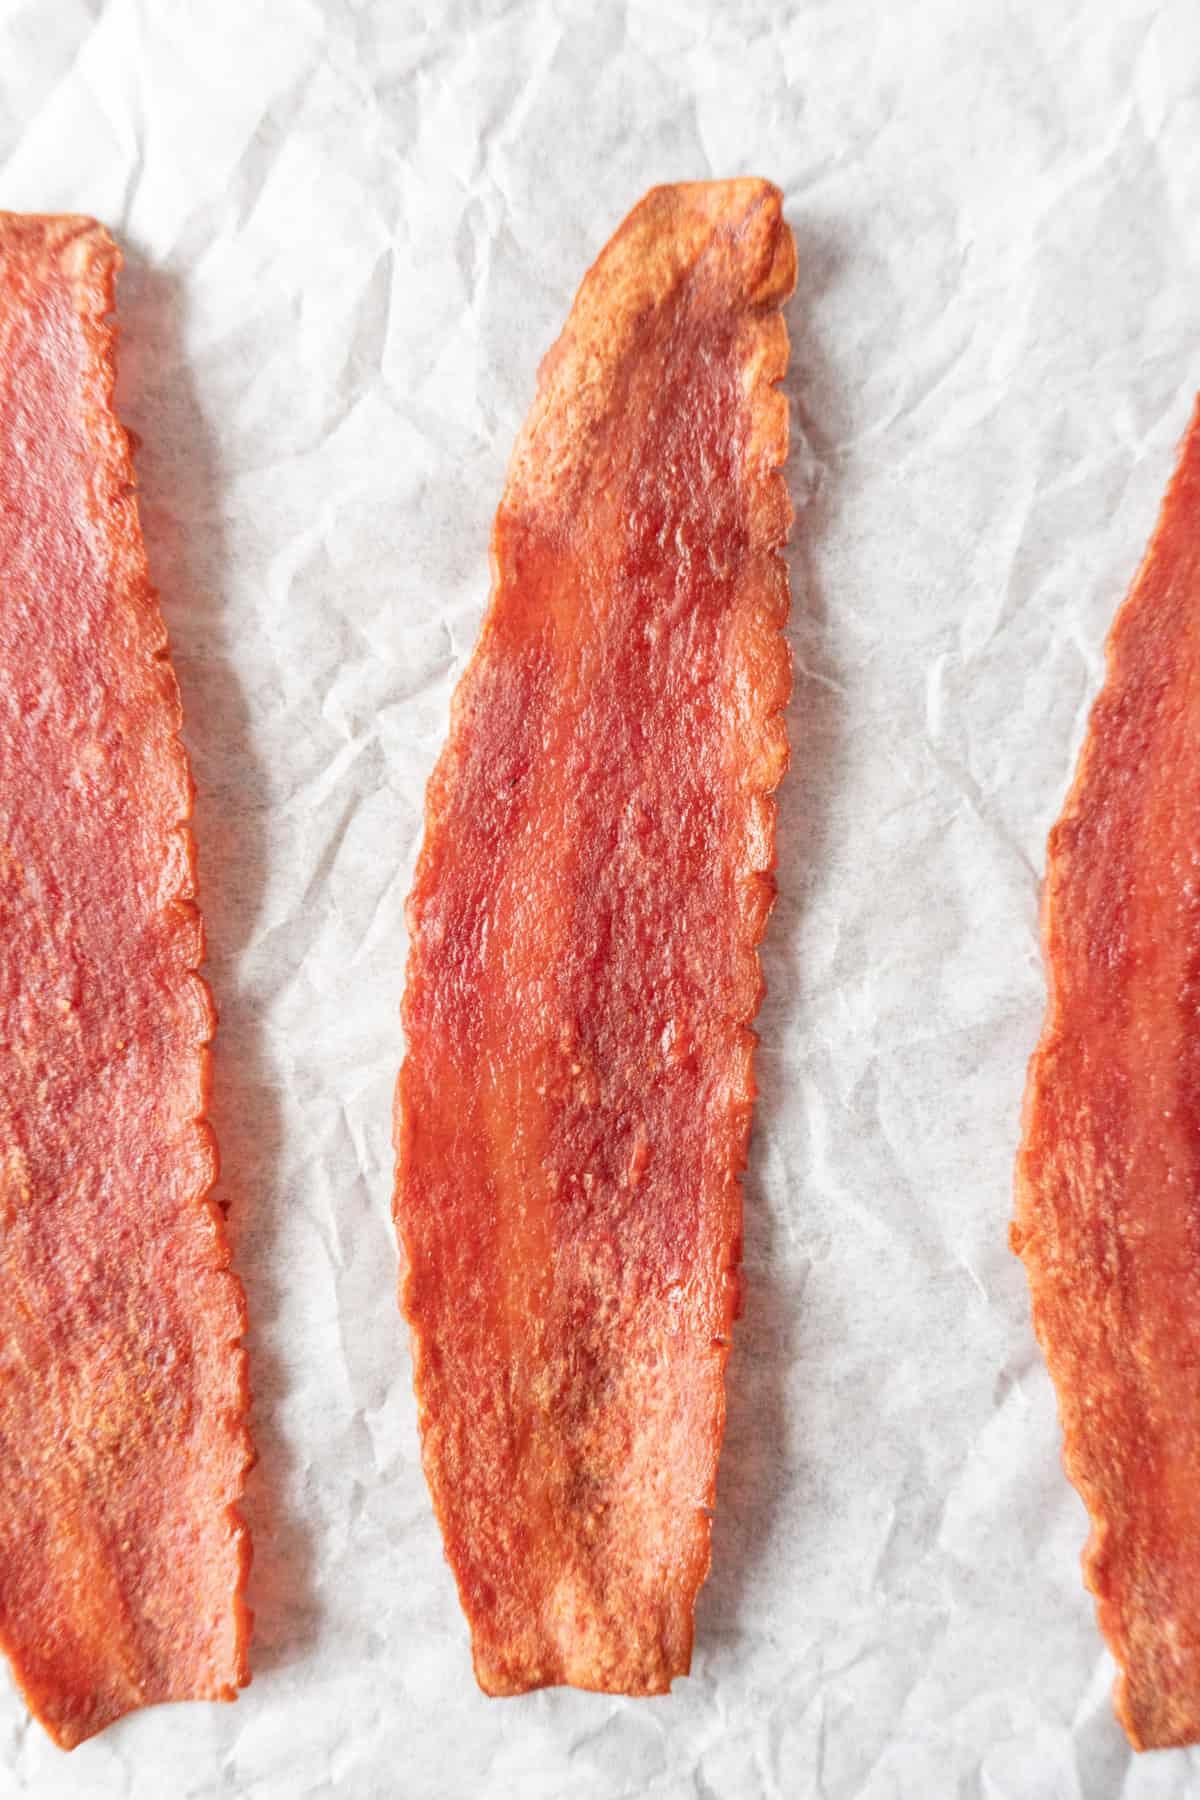 Baked Turkey bacon close up